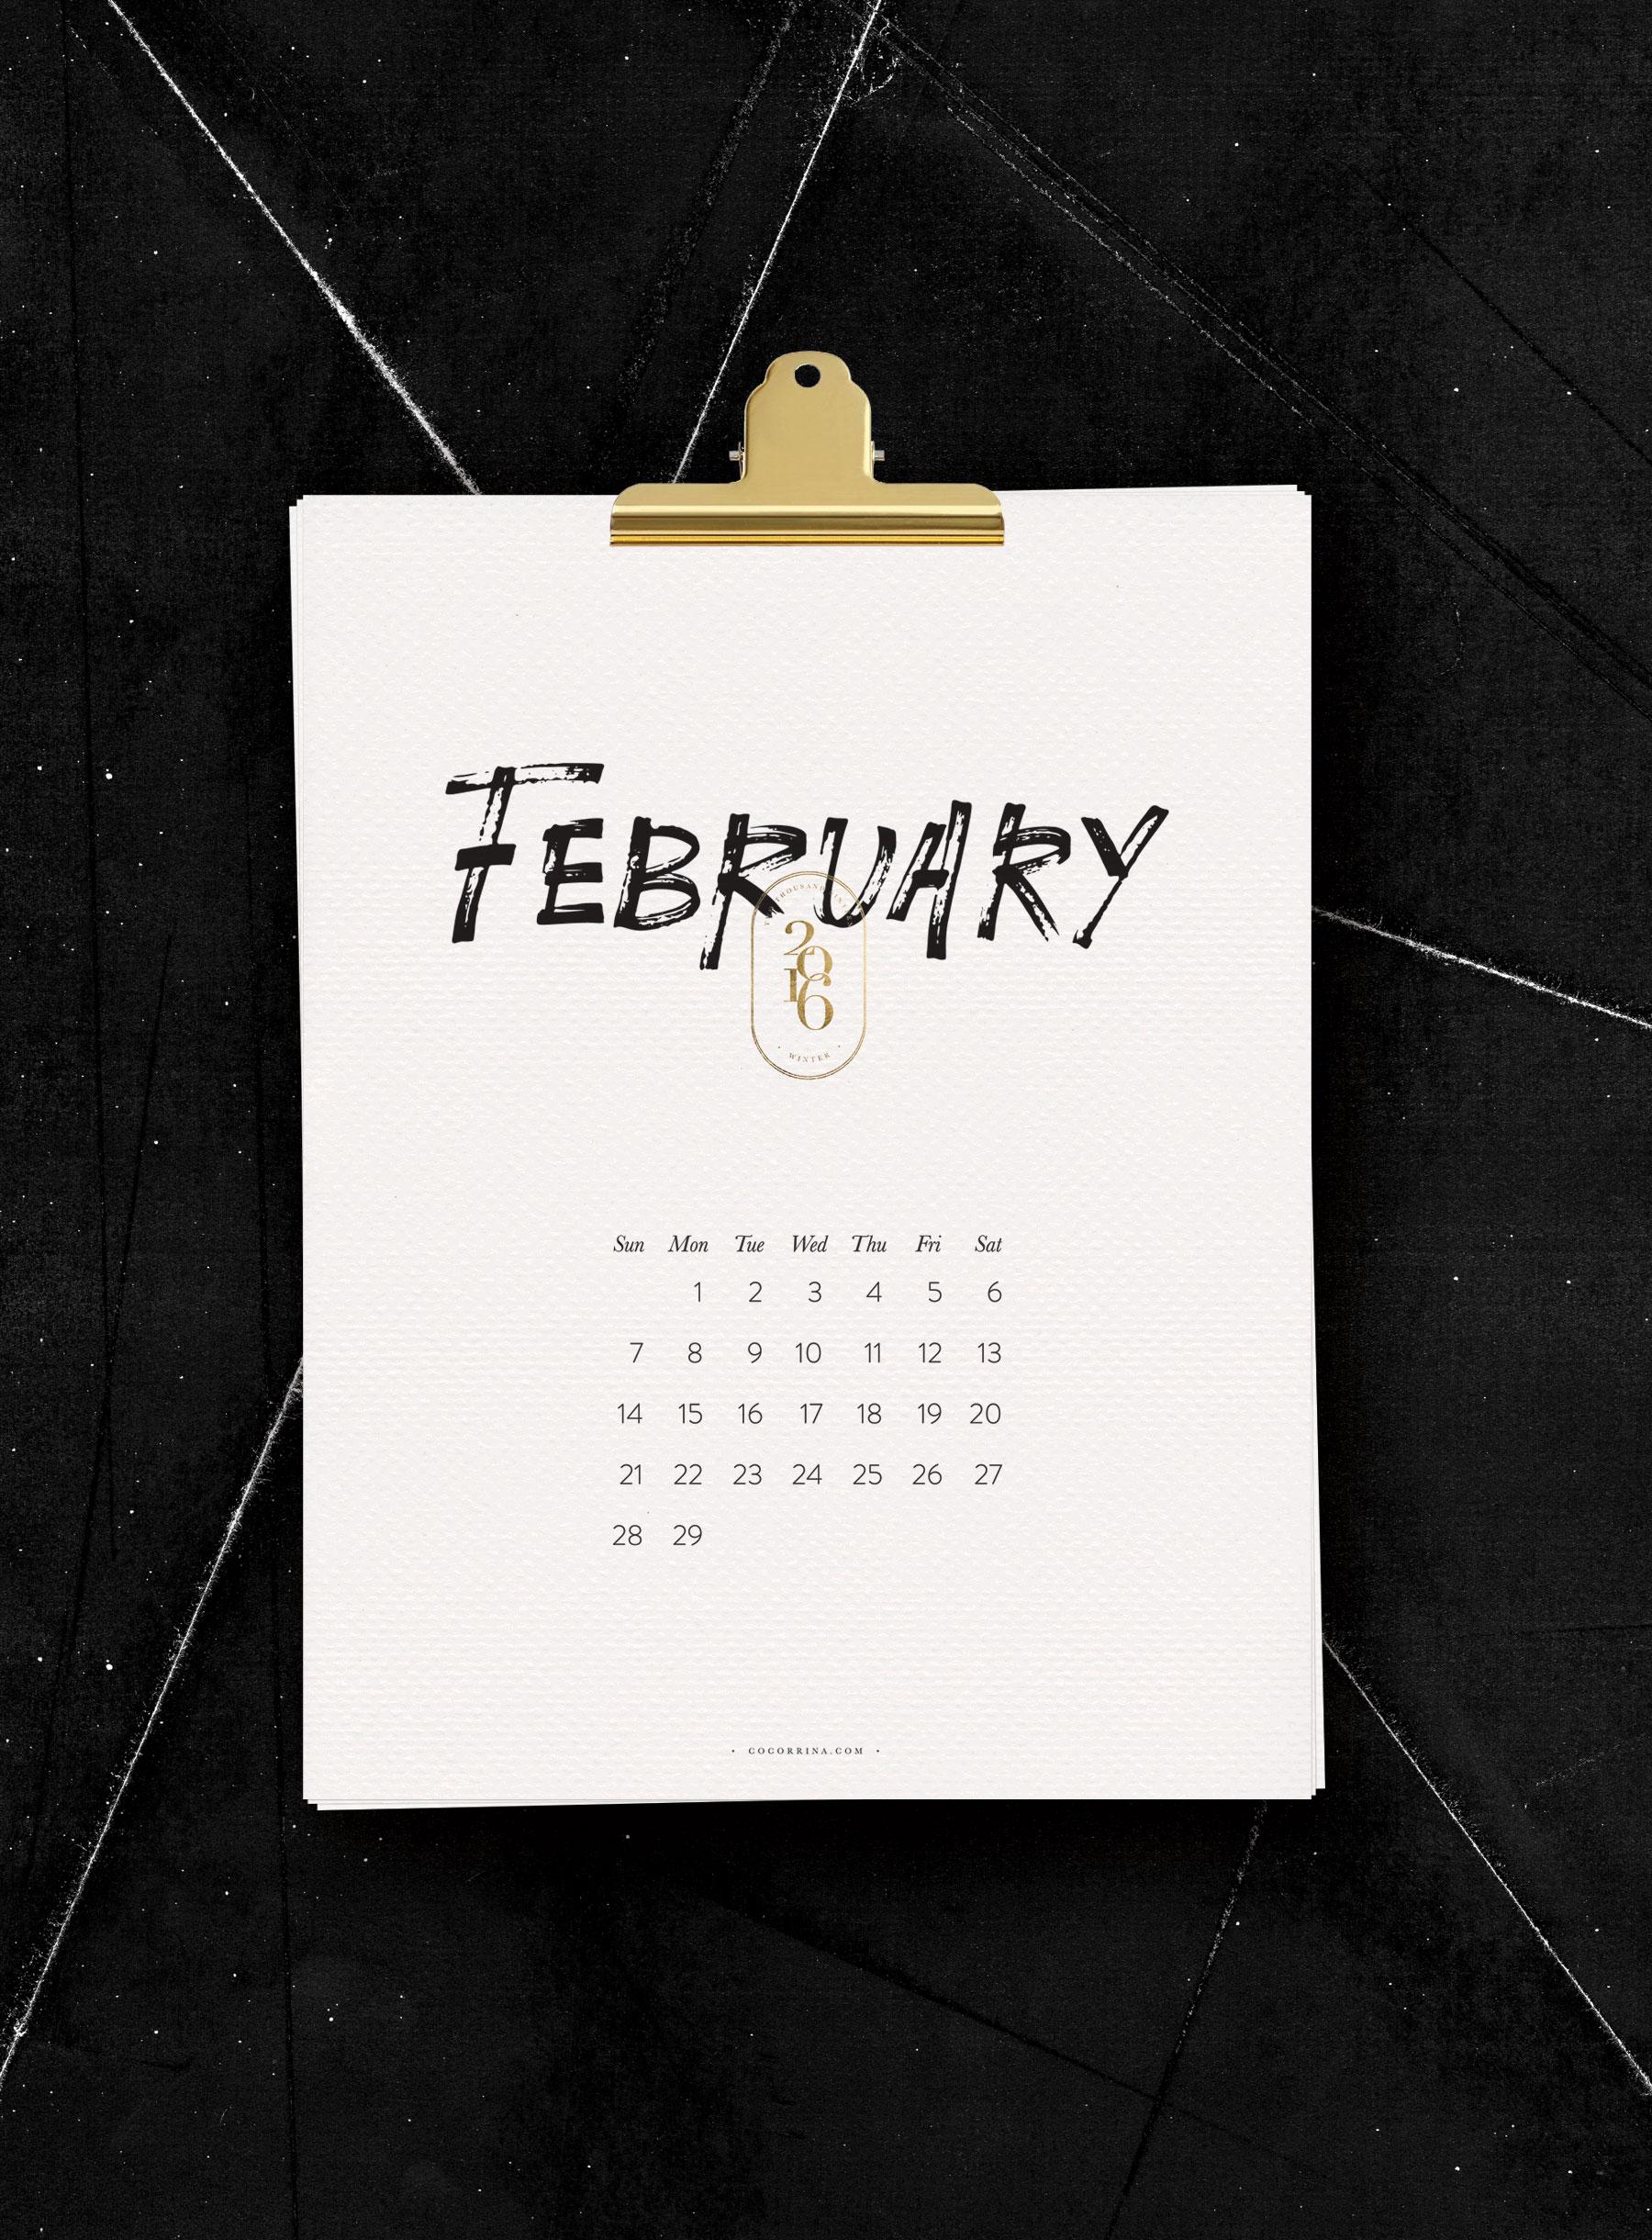 Darmowe kalendarze na 2016 rok do pobrania i wydrukowania czern i biel